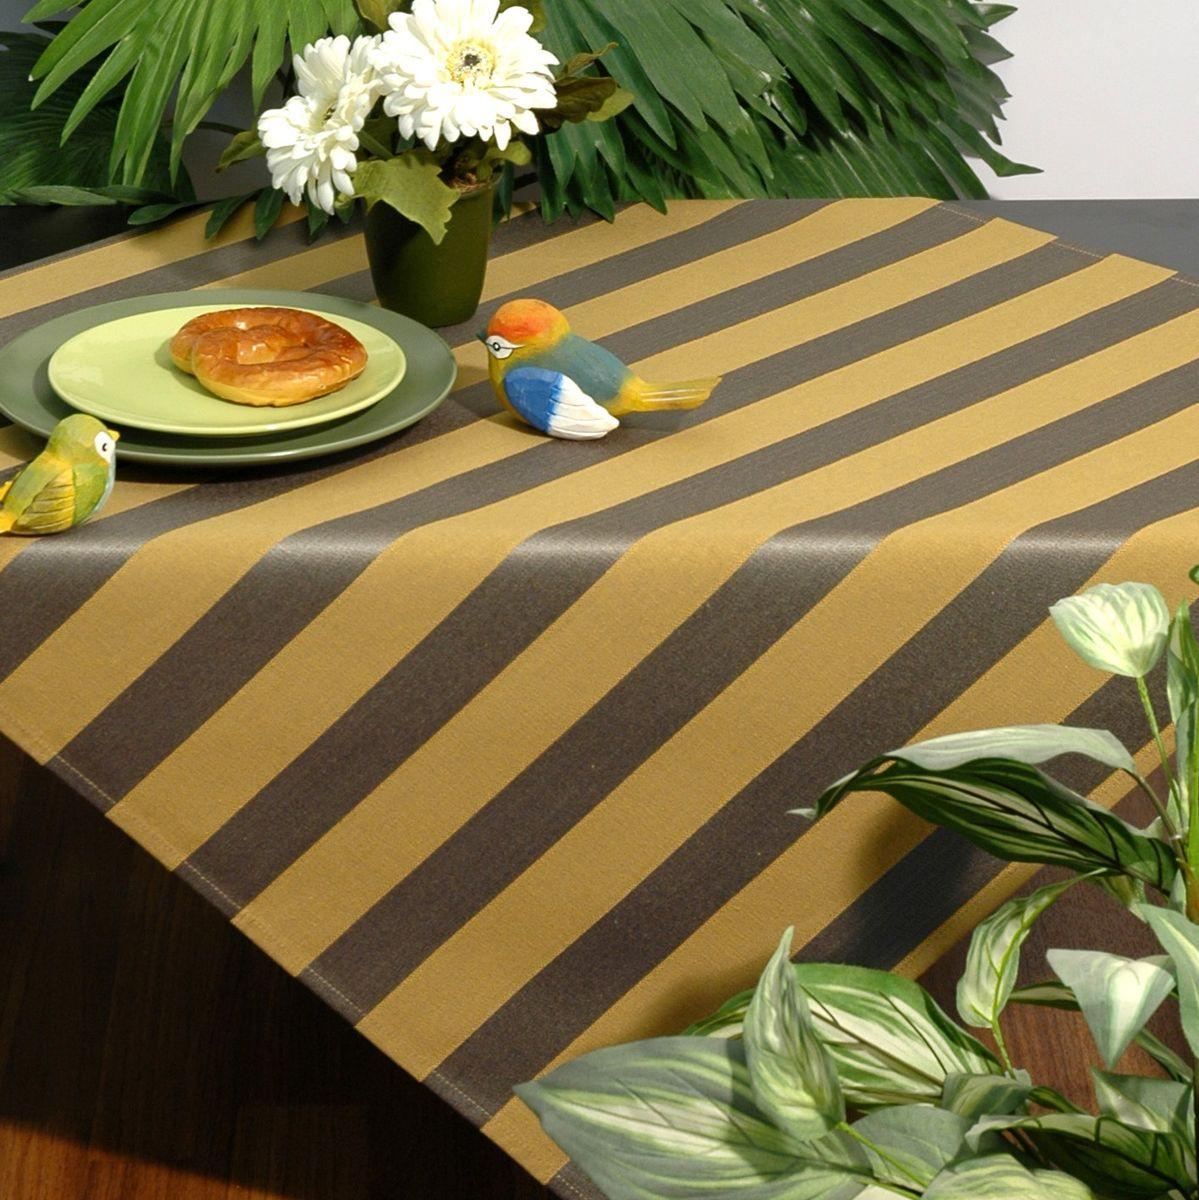 Скатерть Schaefer, квадратная, цвет: желтый, коричневый, 85 x 85 см. 06024-100VT-1520(SR)Стильная скатерть Schaefer выполнена из полиэстера.Изделия из полиэстера легко стирать: они не мнутся, не садятся и быстро сохнут, они более долговечны, чем изделия из натуральных волокон.Немецкая компания Schaefer создана в 1921 году. На протяжении всего времени существования она создает уникальные коллекции домашнего текстиля для гостиных, спален, кухонь и ванных комнат. Дизайнерские идеи немецких художников компании Schaefer воплощаются в текстильных изделиях, которые сделают ваш дом красивее и уютнее и не останутся незамеченными вашими гостями. Дарите себе и близким красоту каждый день!